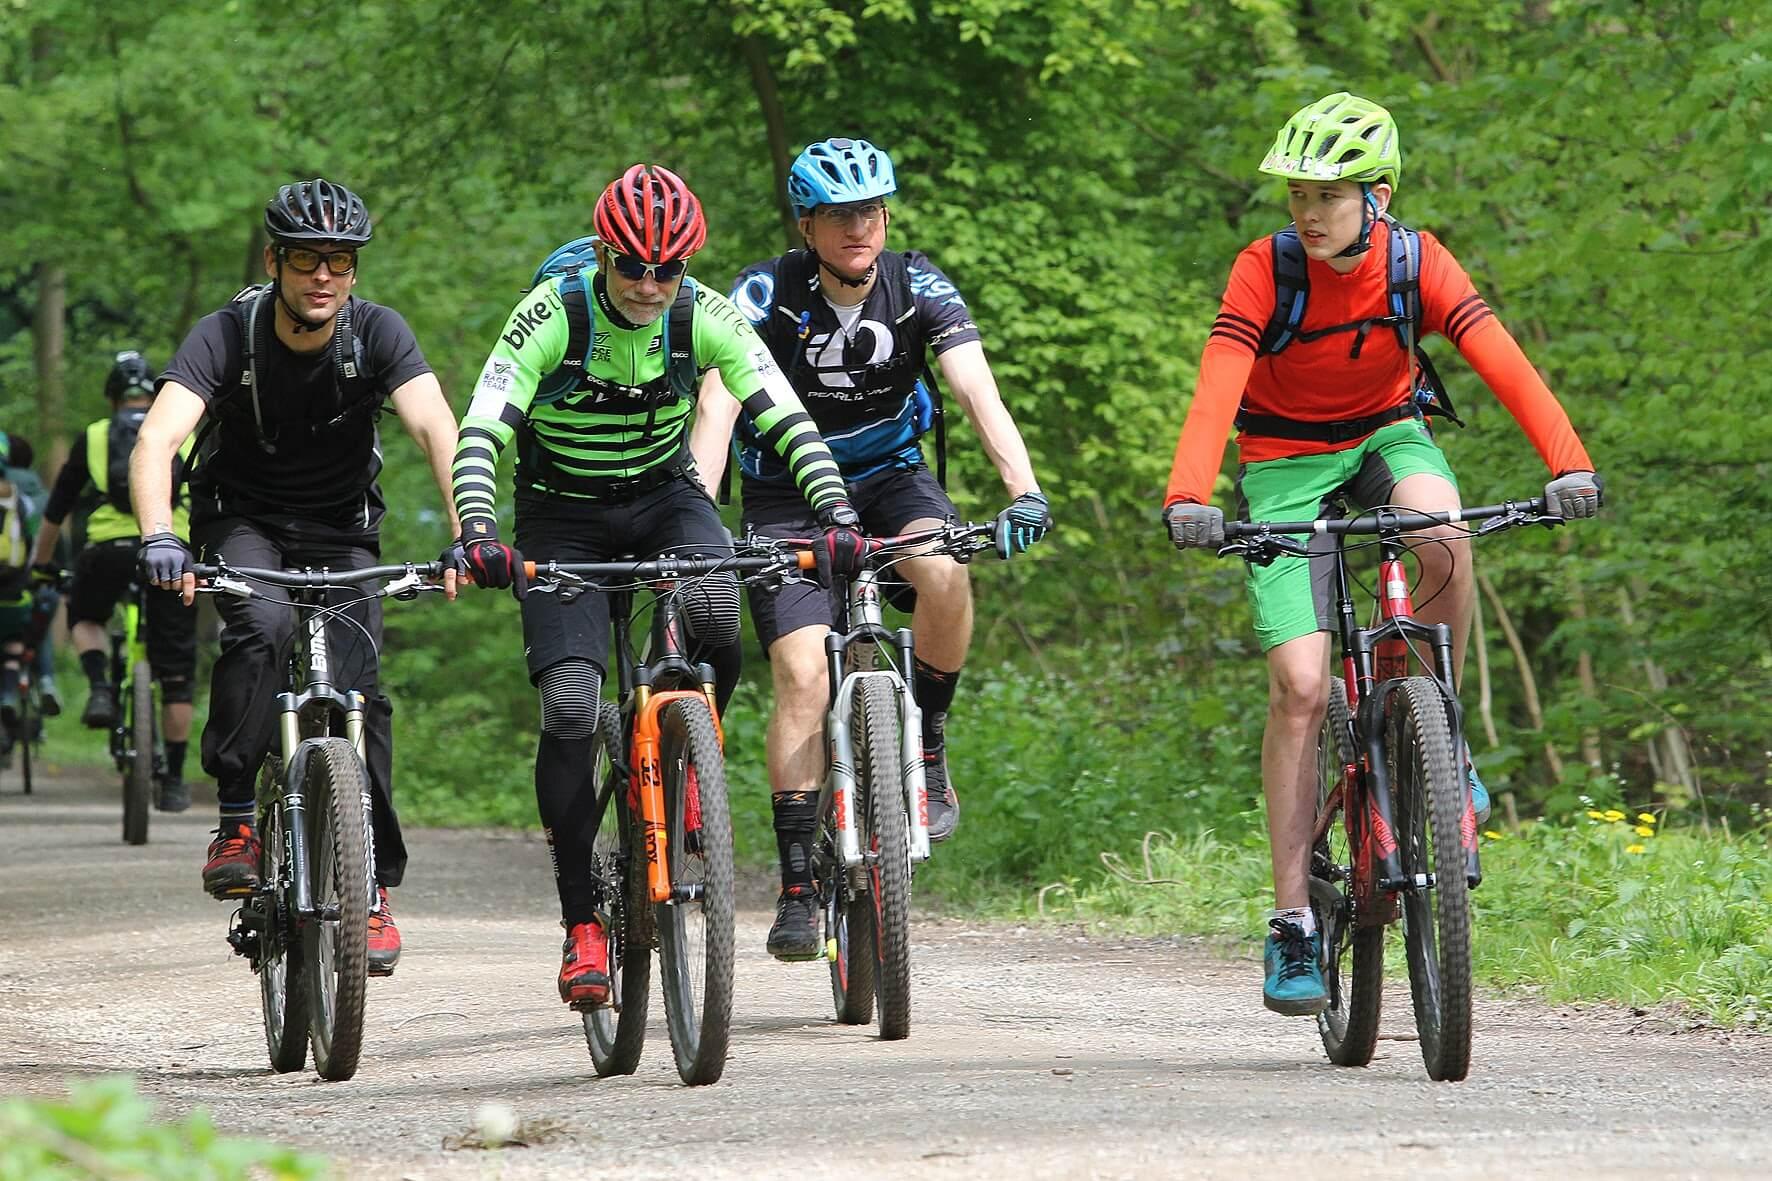 Sportliche Räder von biketime Hannover: Gutes Bike - Gute Zeit!